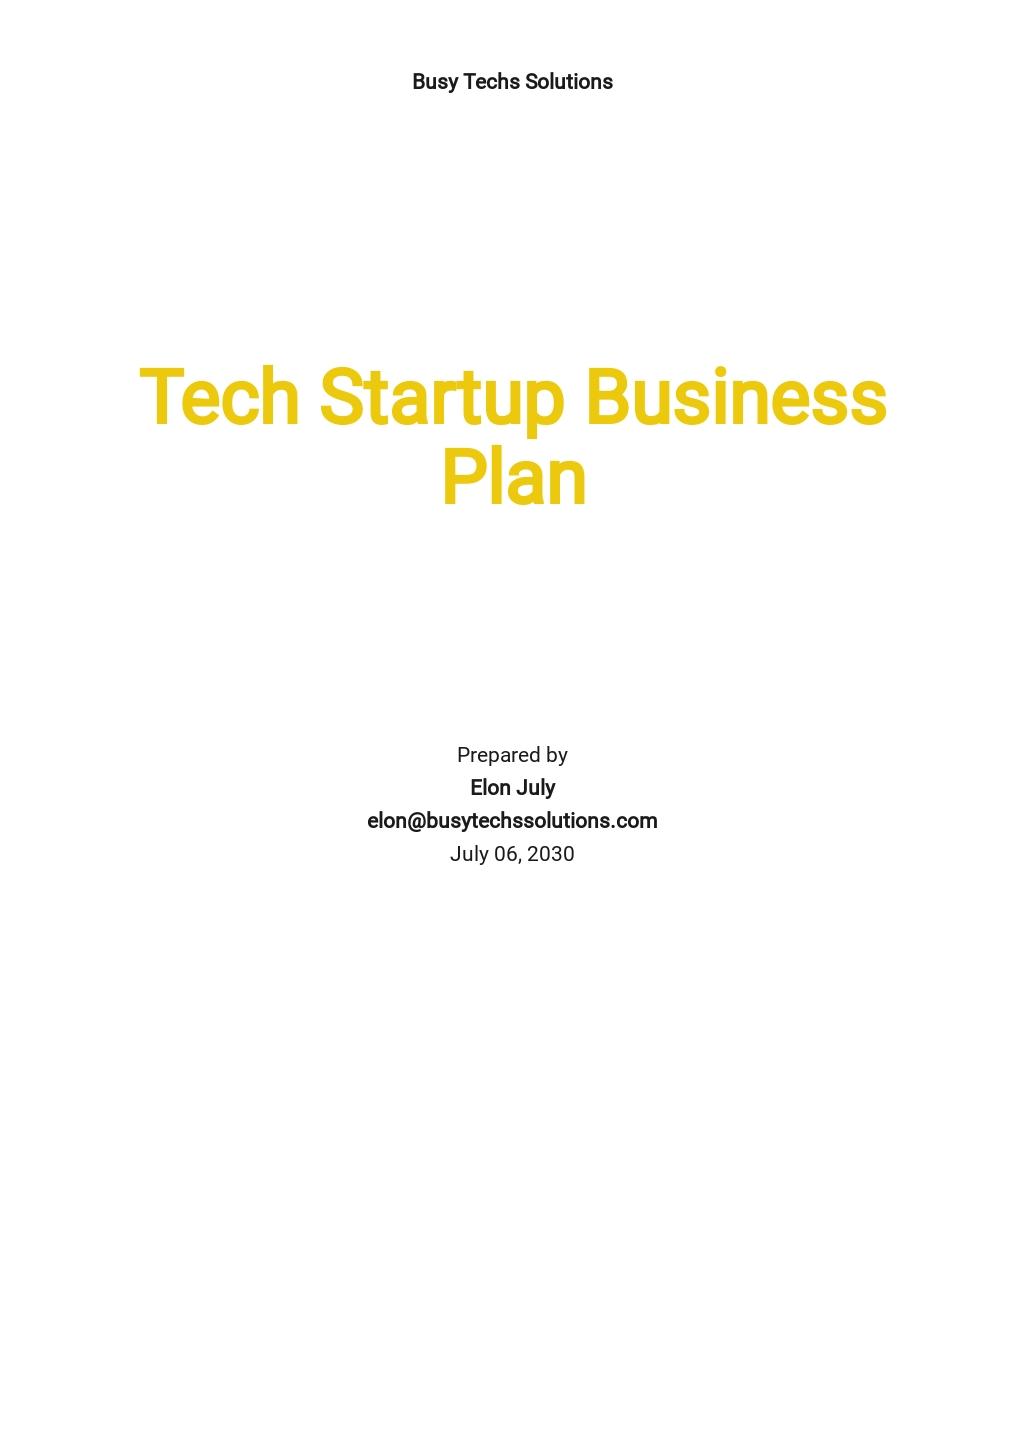 Tech Startup Business Plan Template